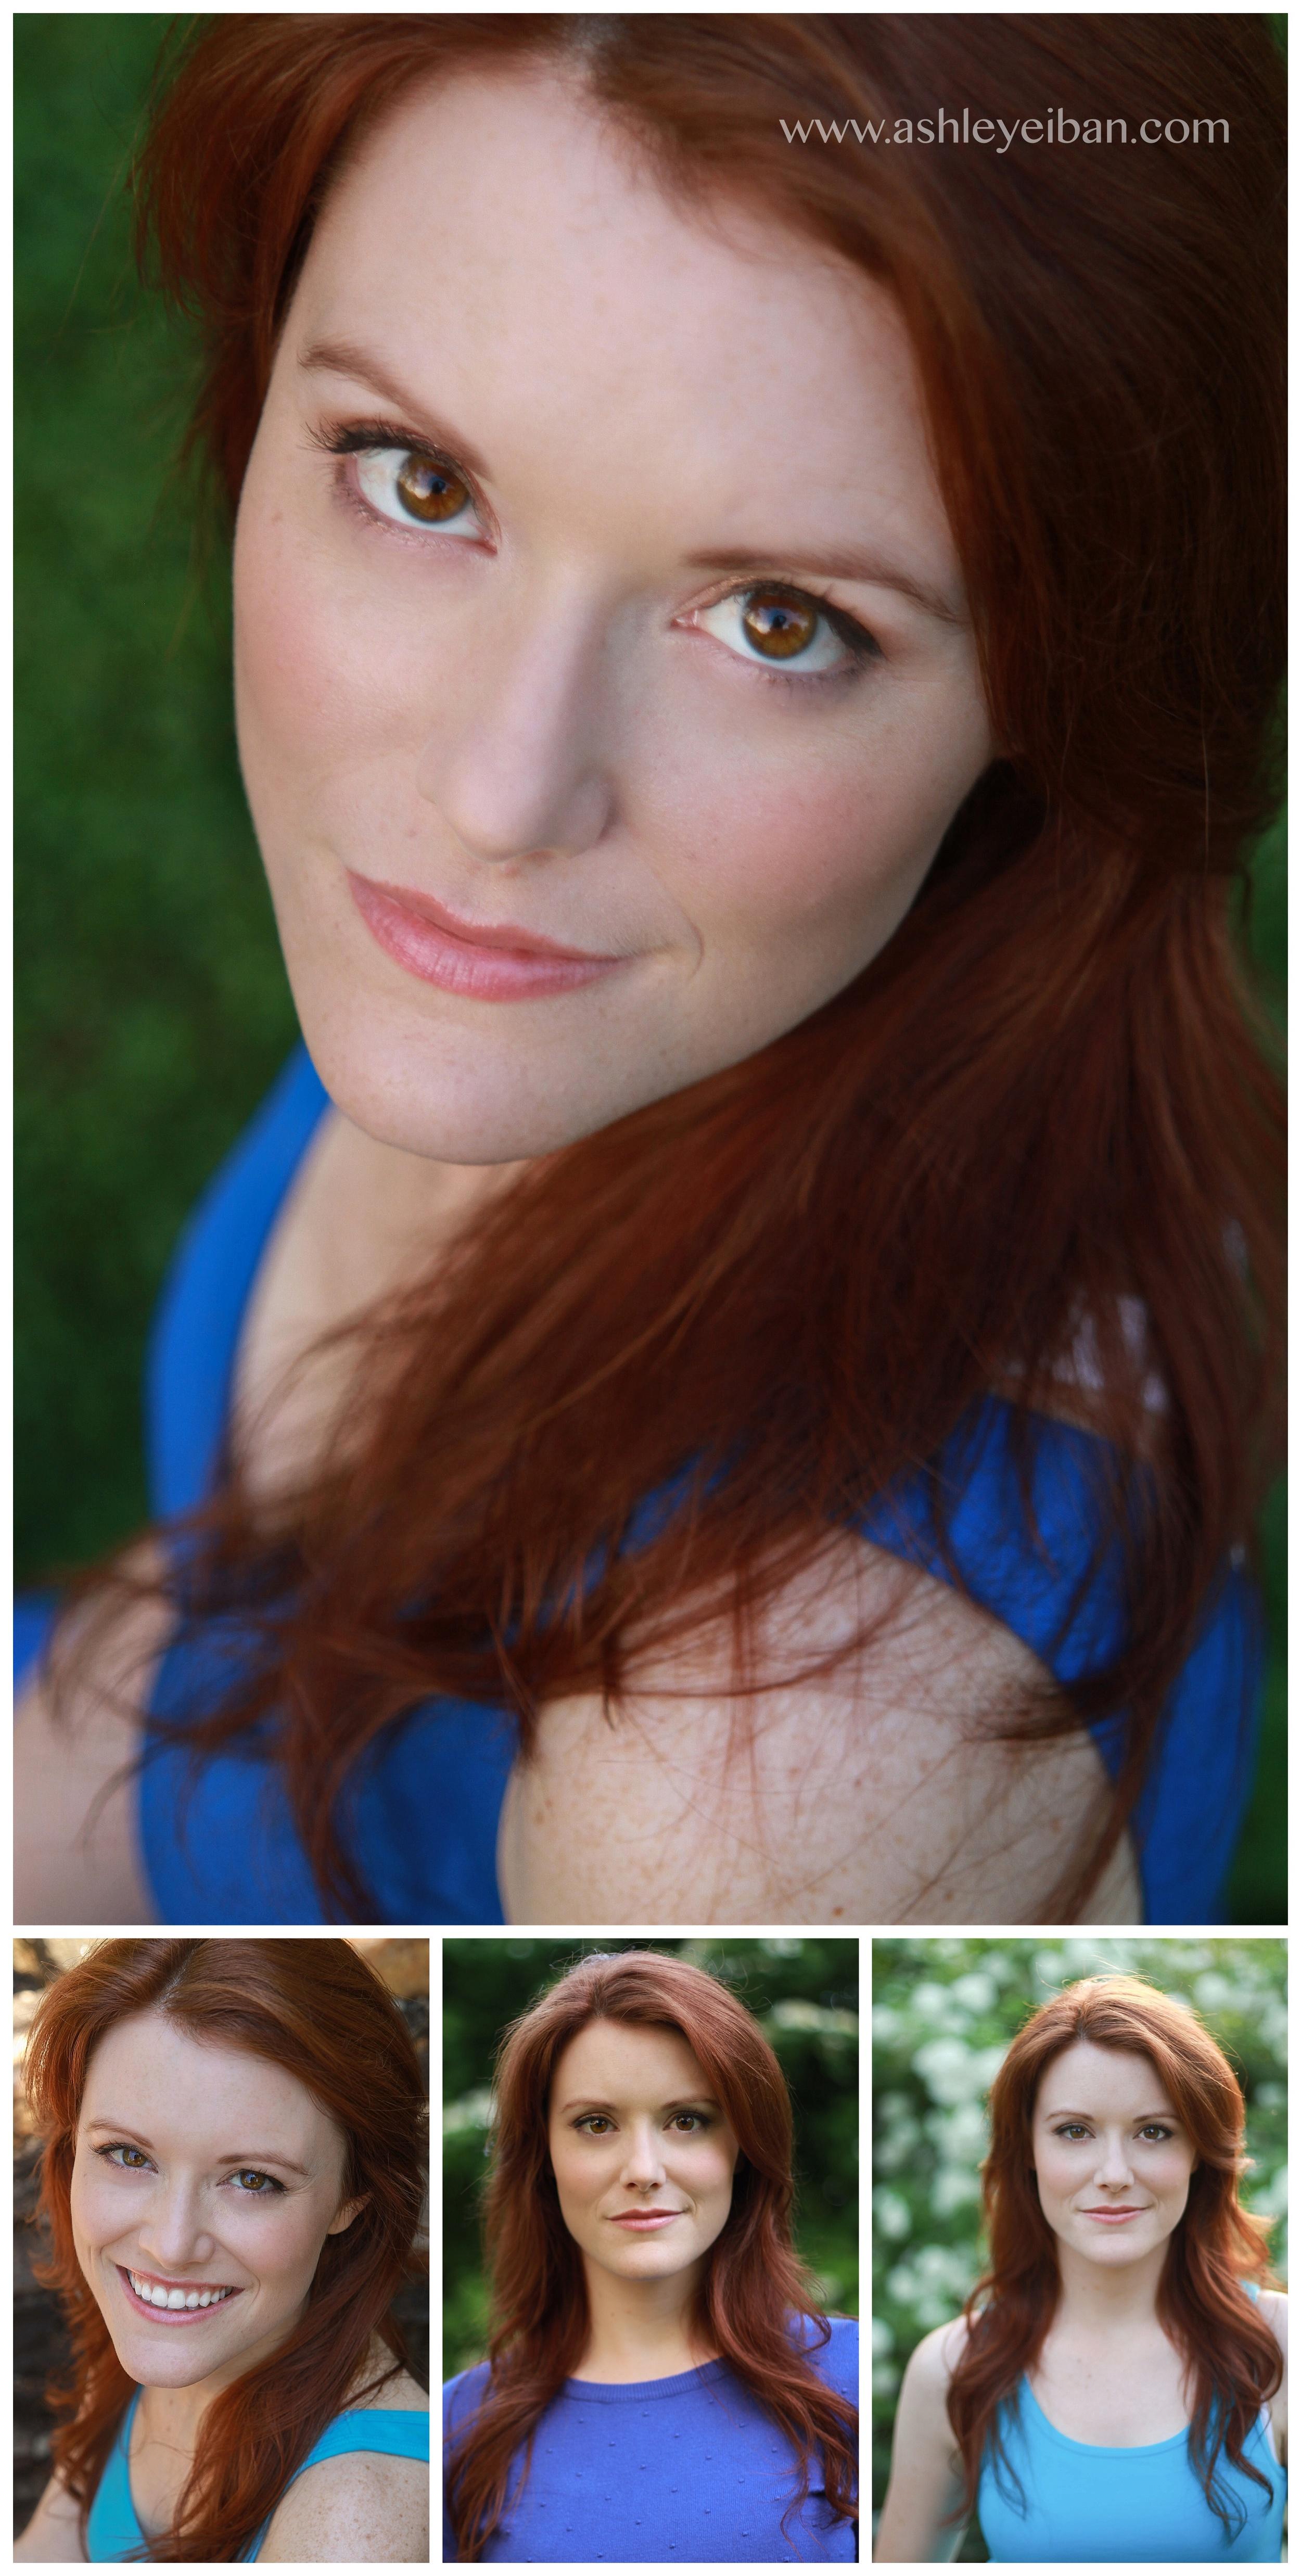 Lynchburg Virginia Photographer // Ashley Eiban Photography // www.ashleyeiban.com